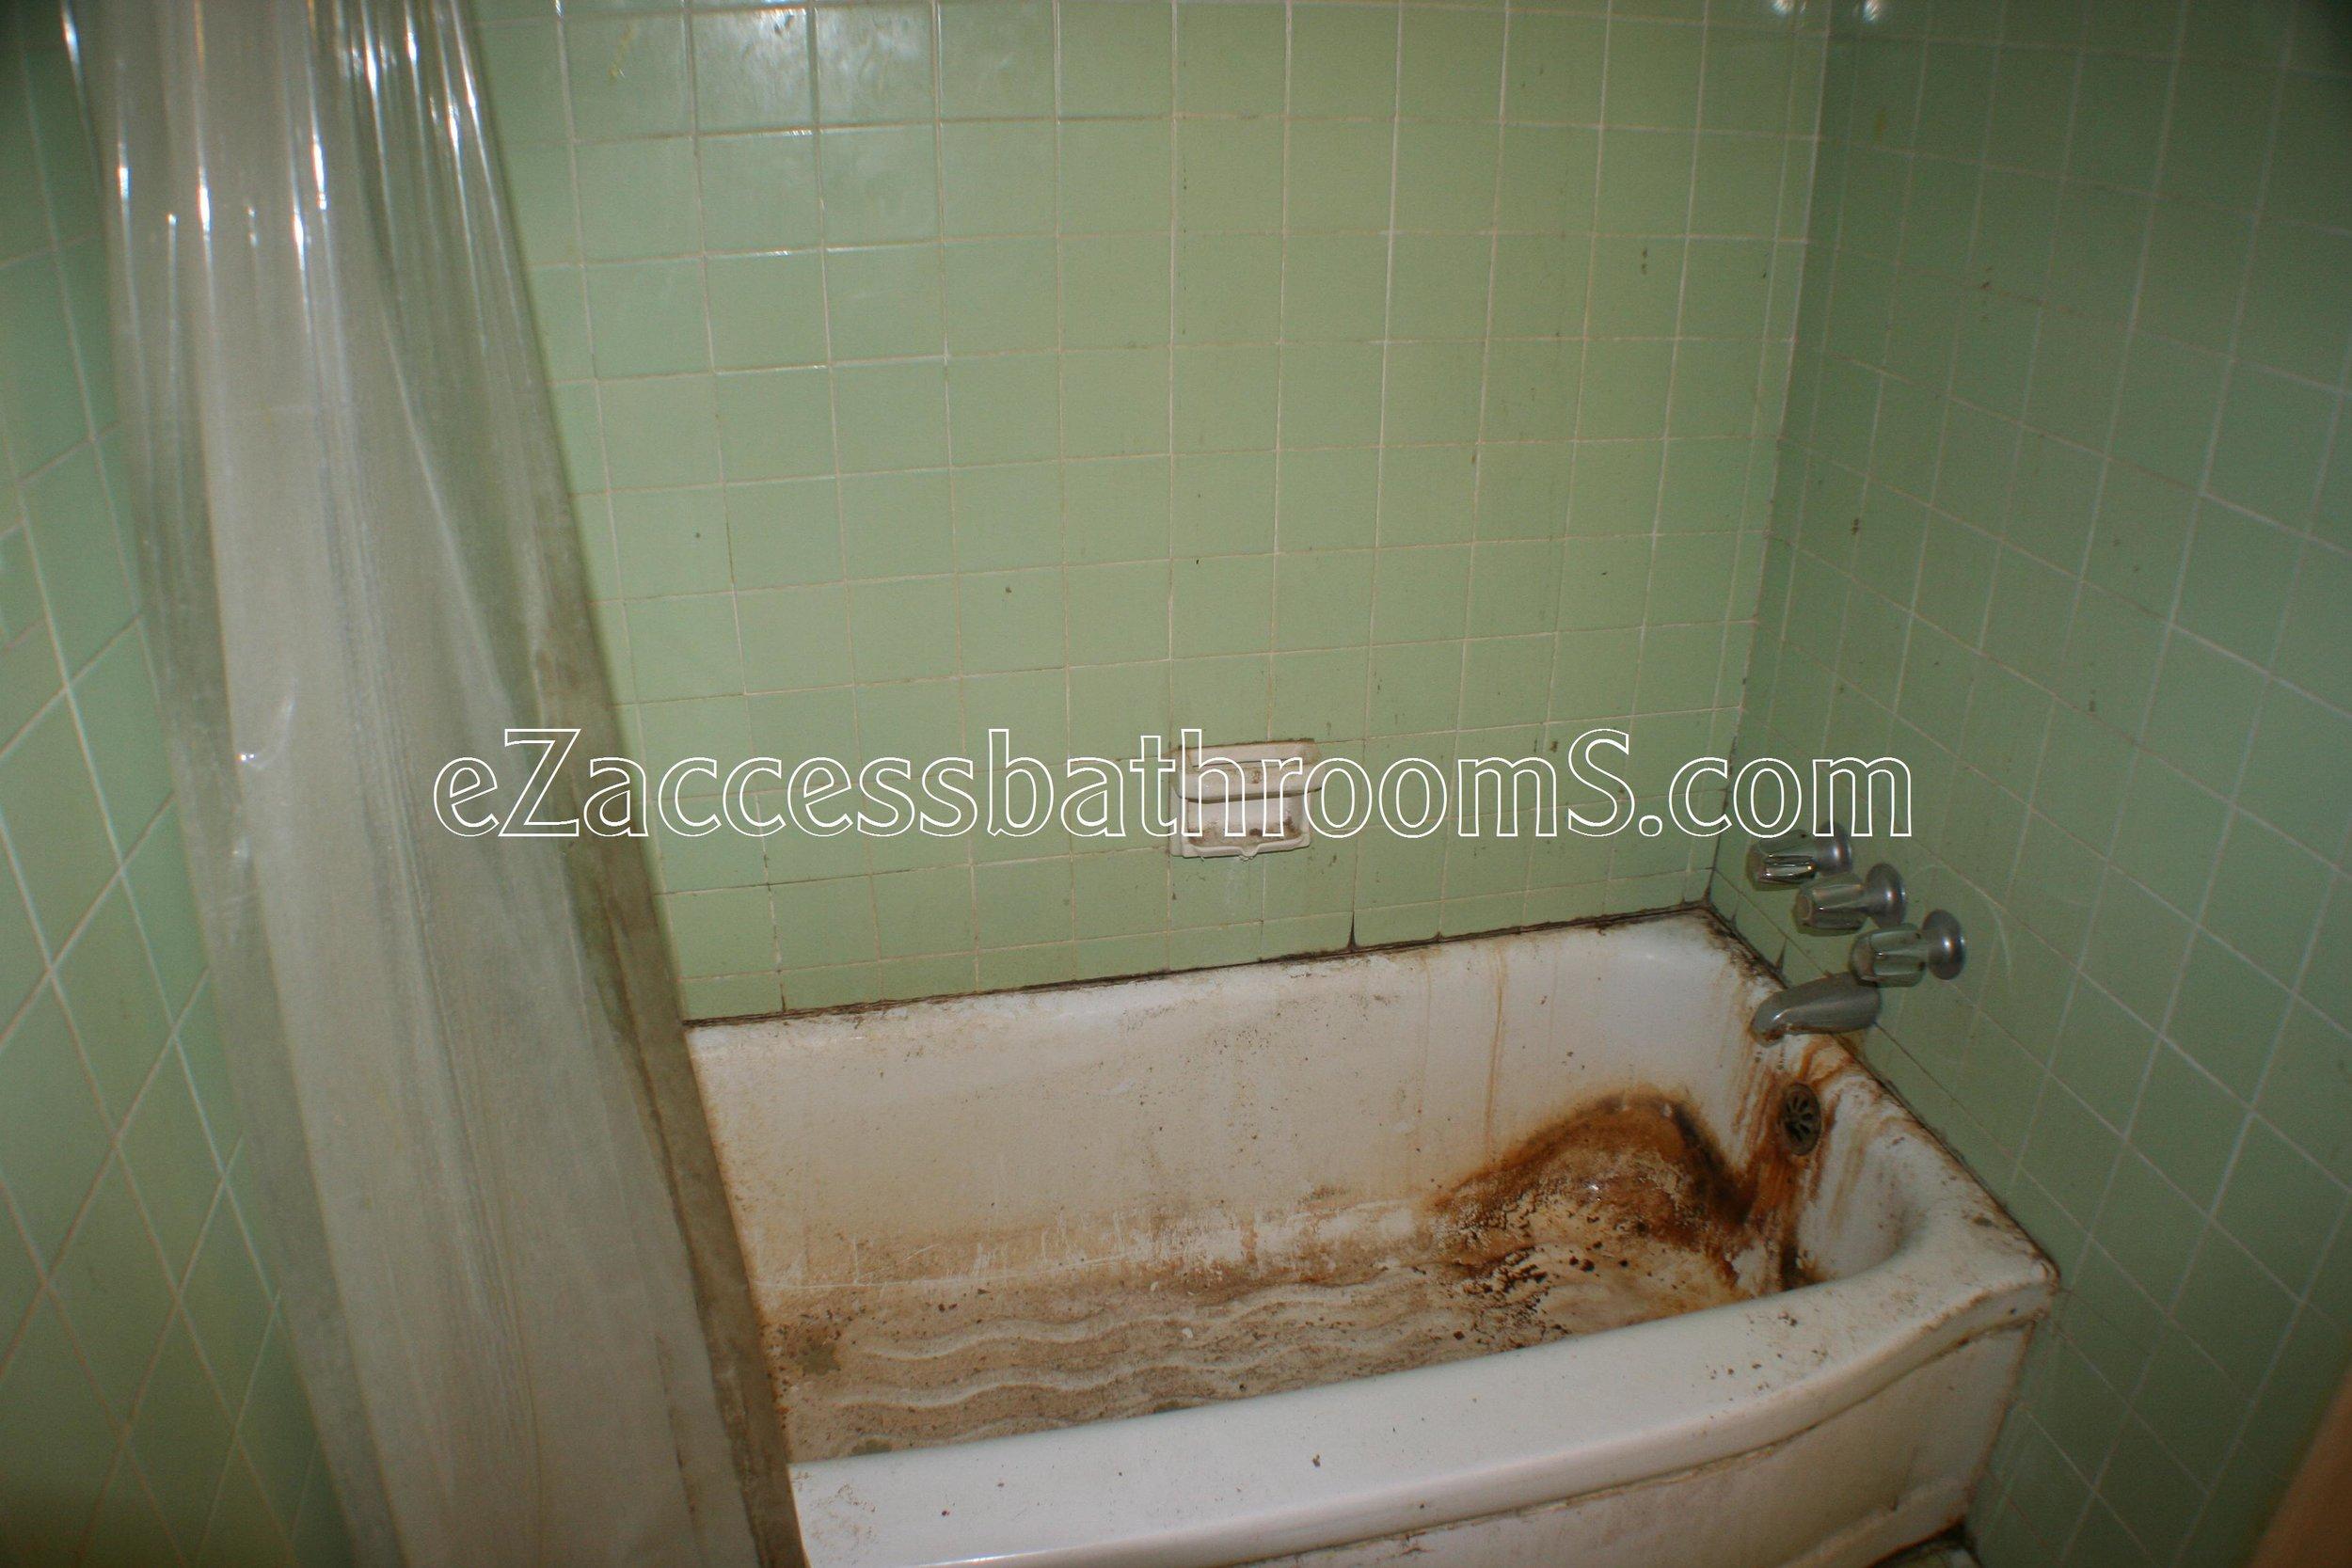 rollin shower ezaccessbathrooms.com 0023.JPG